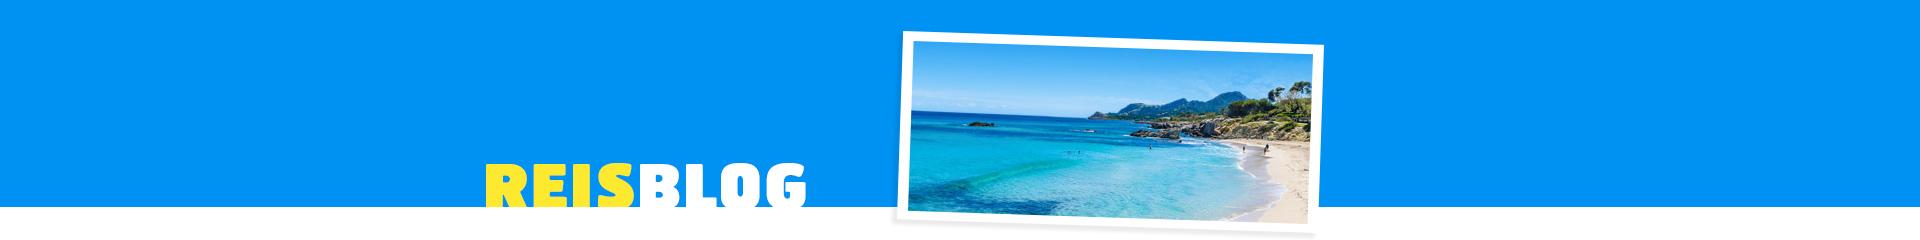 Helderblauwe zee met wit zandstrand op Mallorca